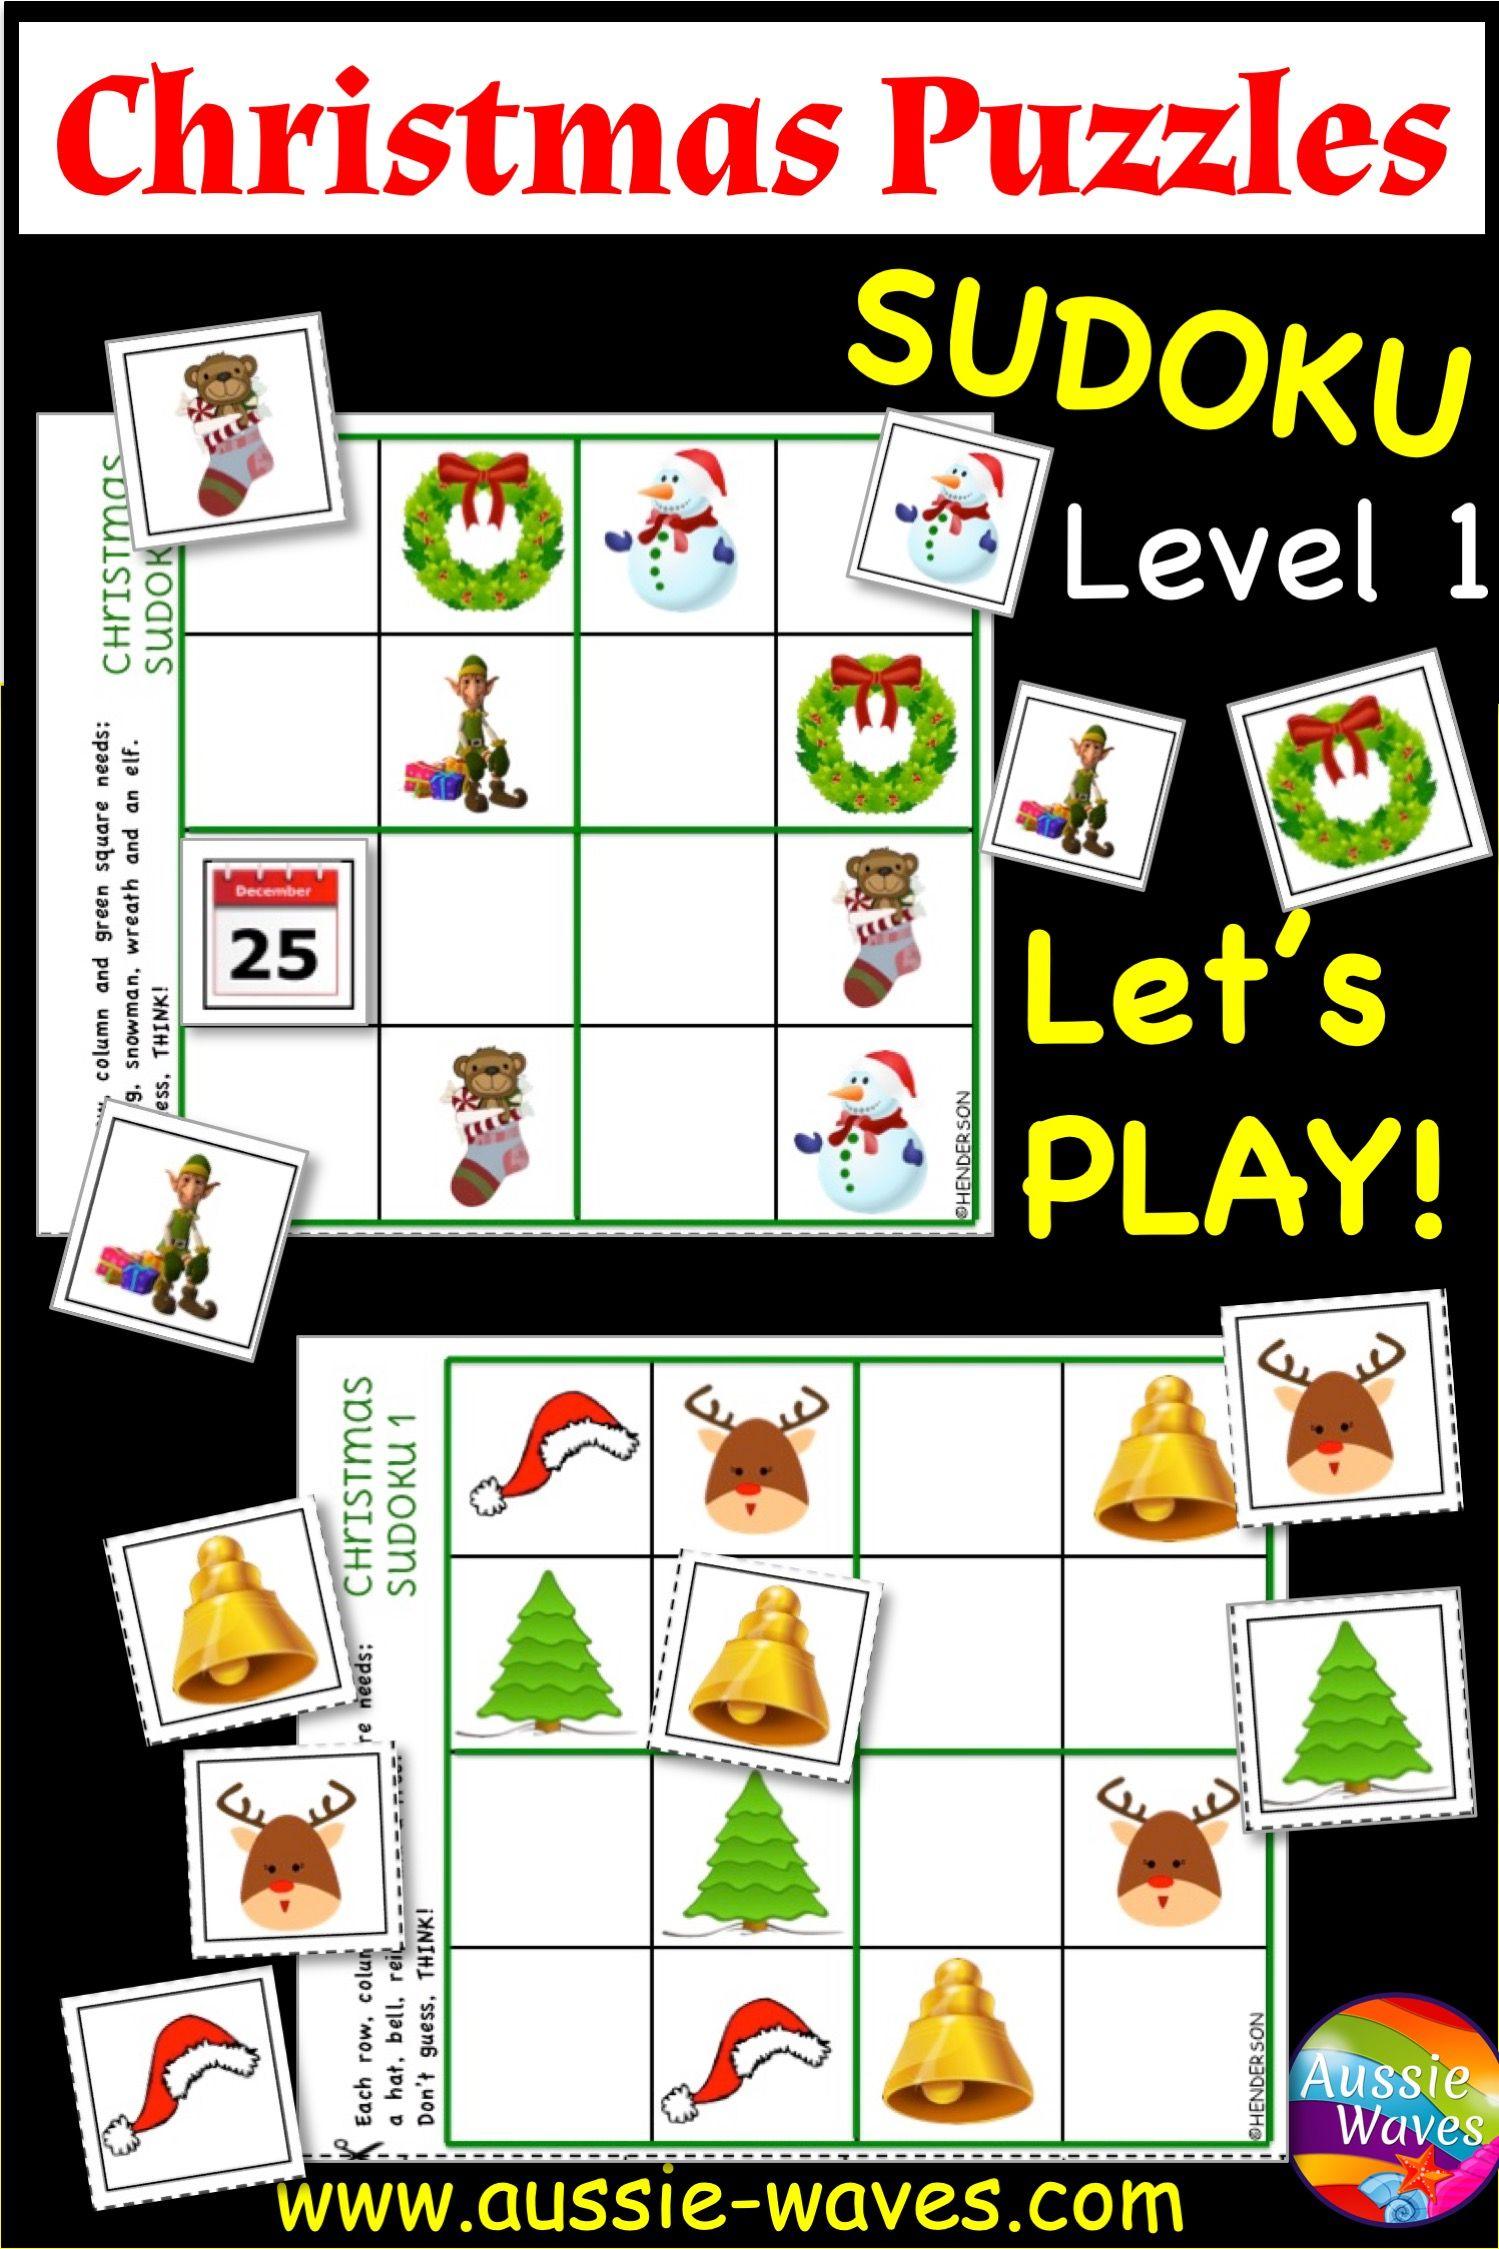 Christmas Puzzles Sudoku Easy Level | Christmas Printable